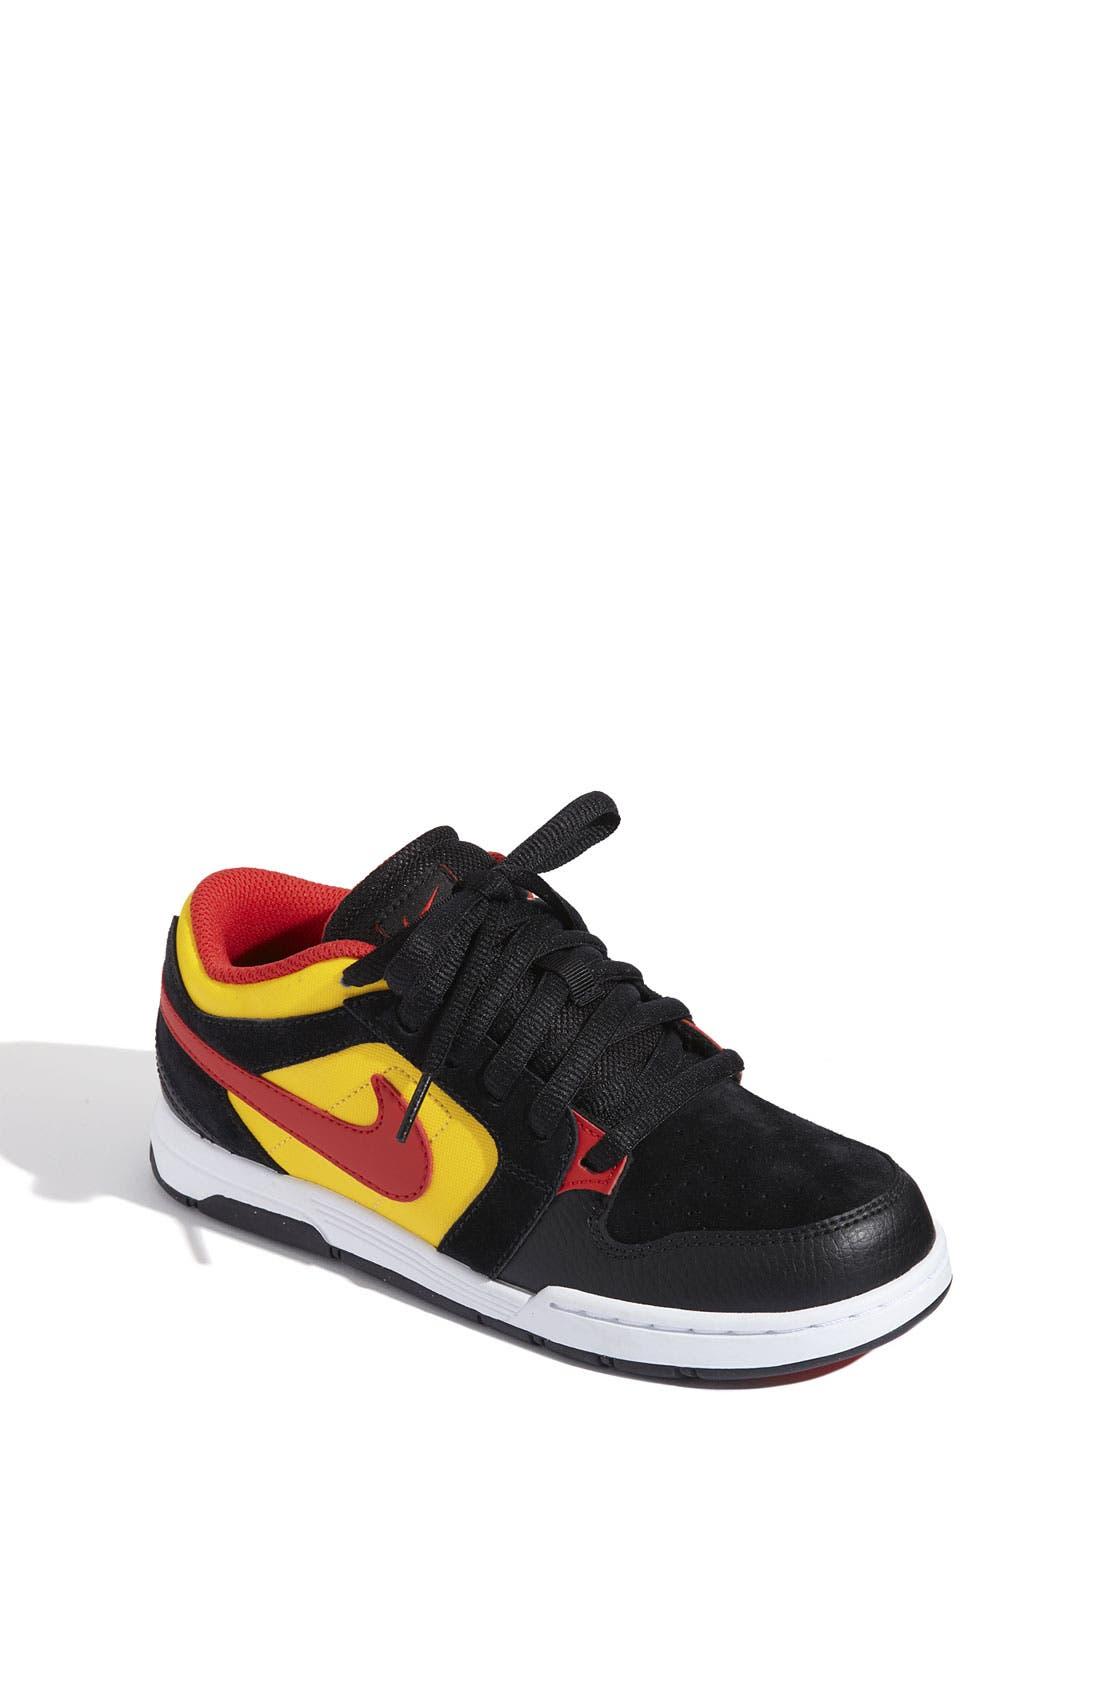 Main Image - Nike 'Mogan 3' Sneaker (Toddler, Little Kid & Big Kid)